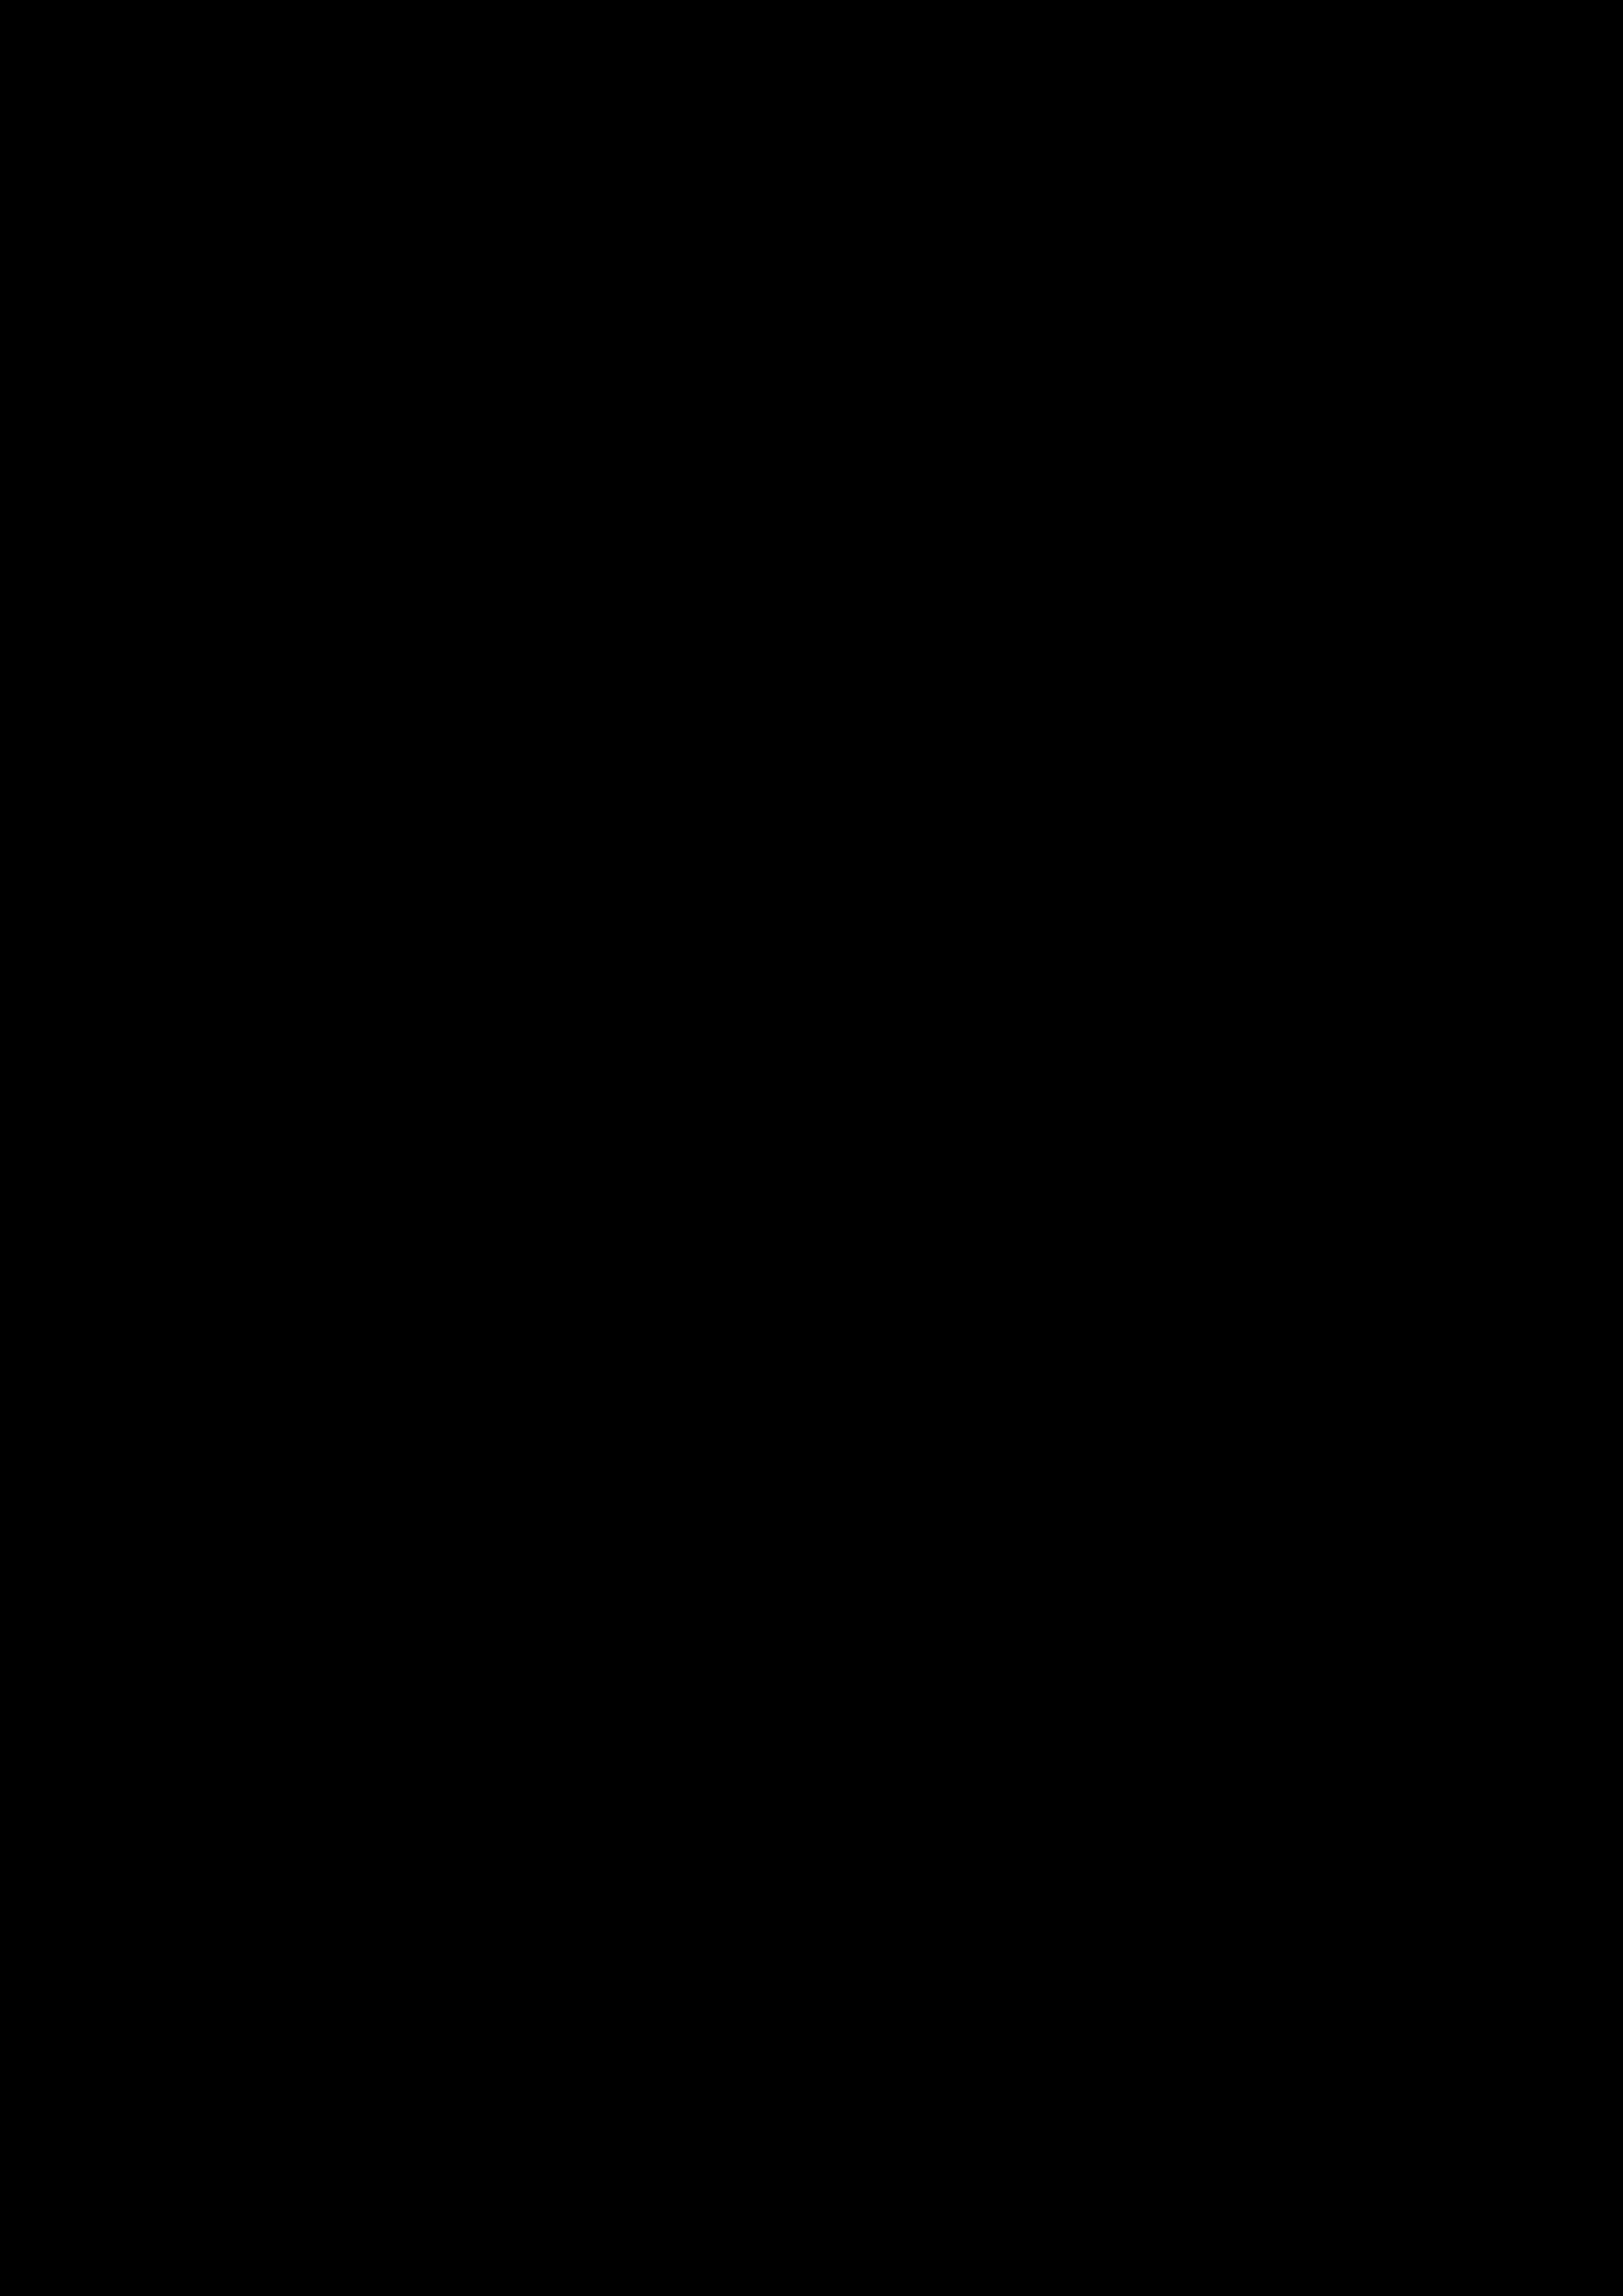 Plakat informujący o warsztatach projektowych/konsultacyjnych dot. przebiegu ścieżki pieszo-rowerowej